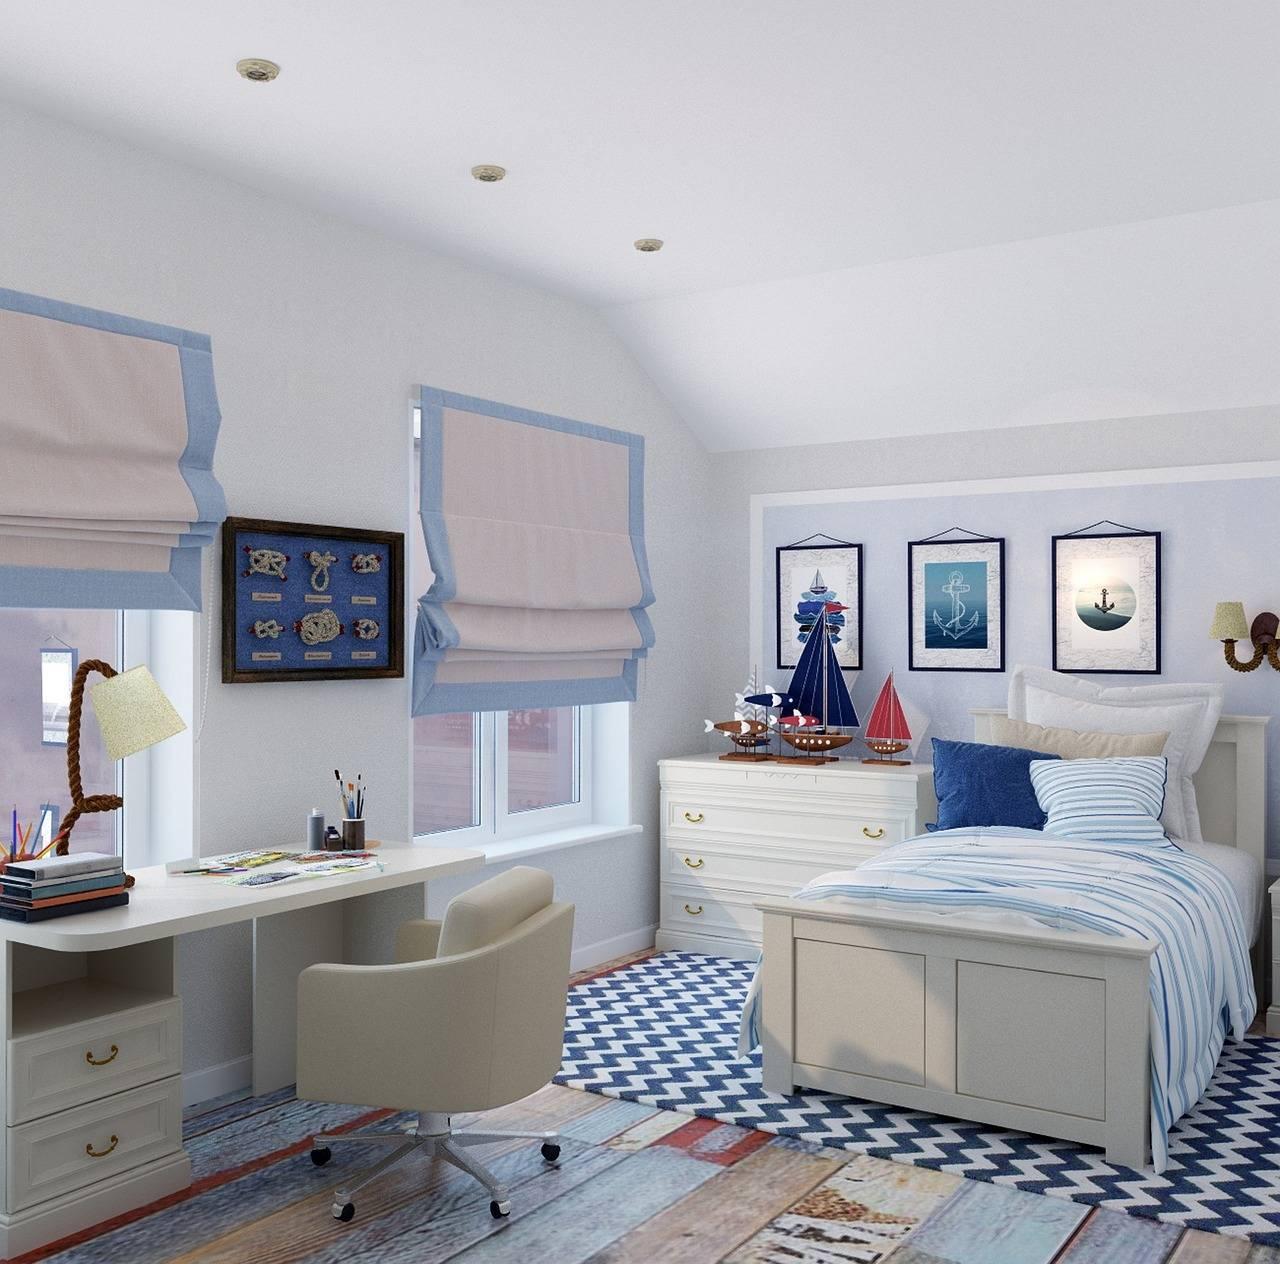 Детские спальни для мальчиков (86 фото): дизайн интерьера для 7-9 лет, идеи для школьника